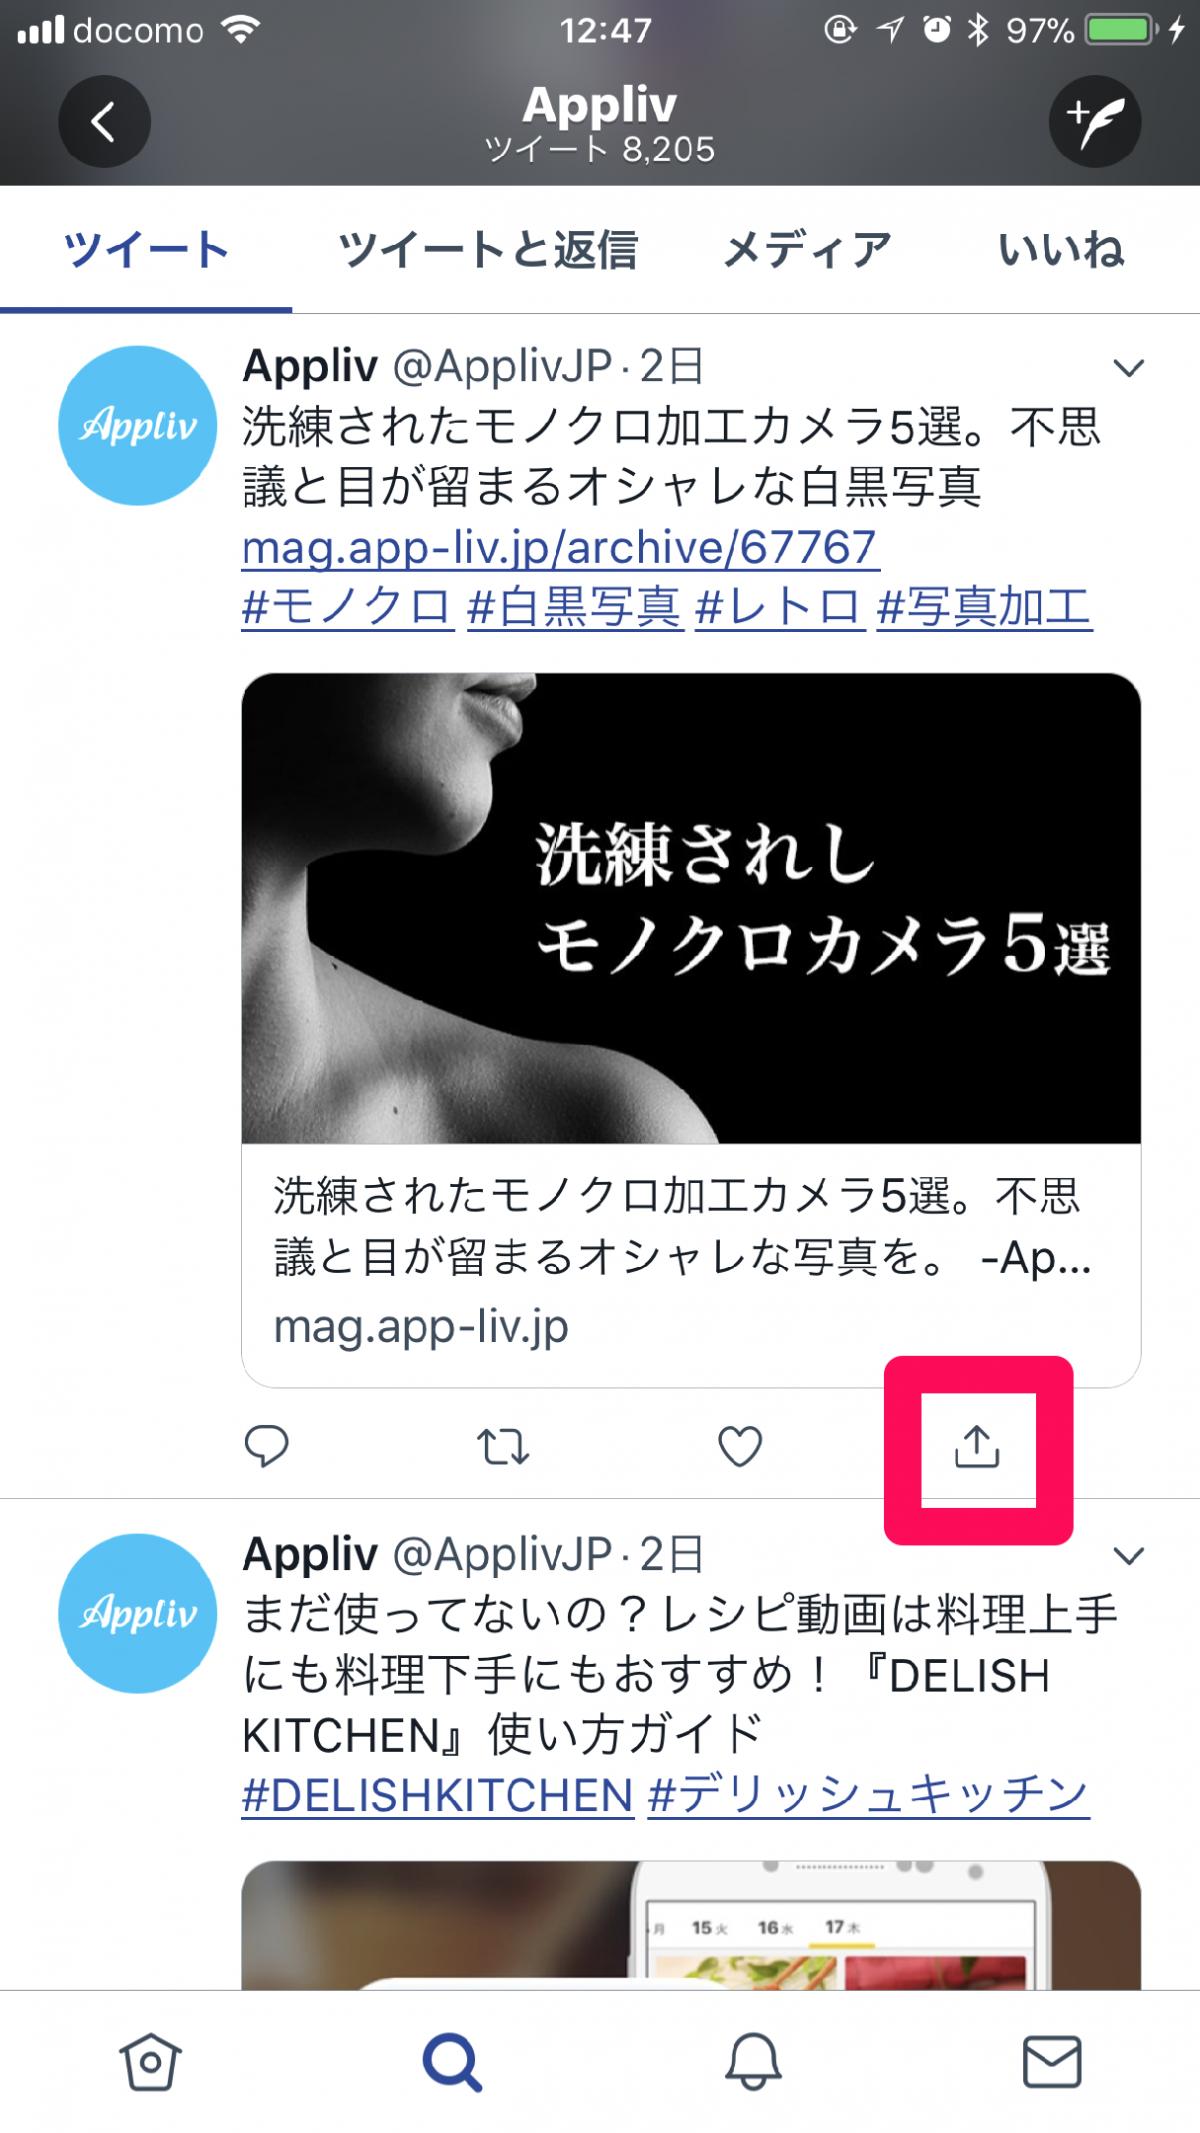 Twitter「ブックマーク」の使い方。相手に通知しないお気に入り機能